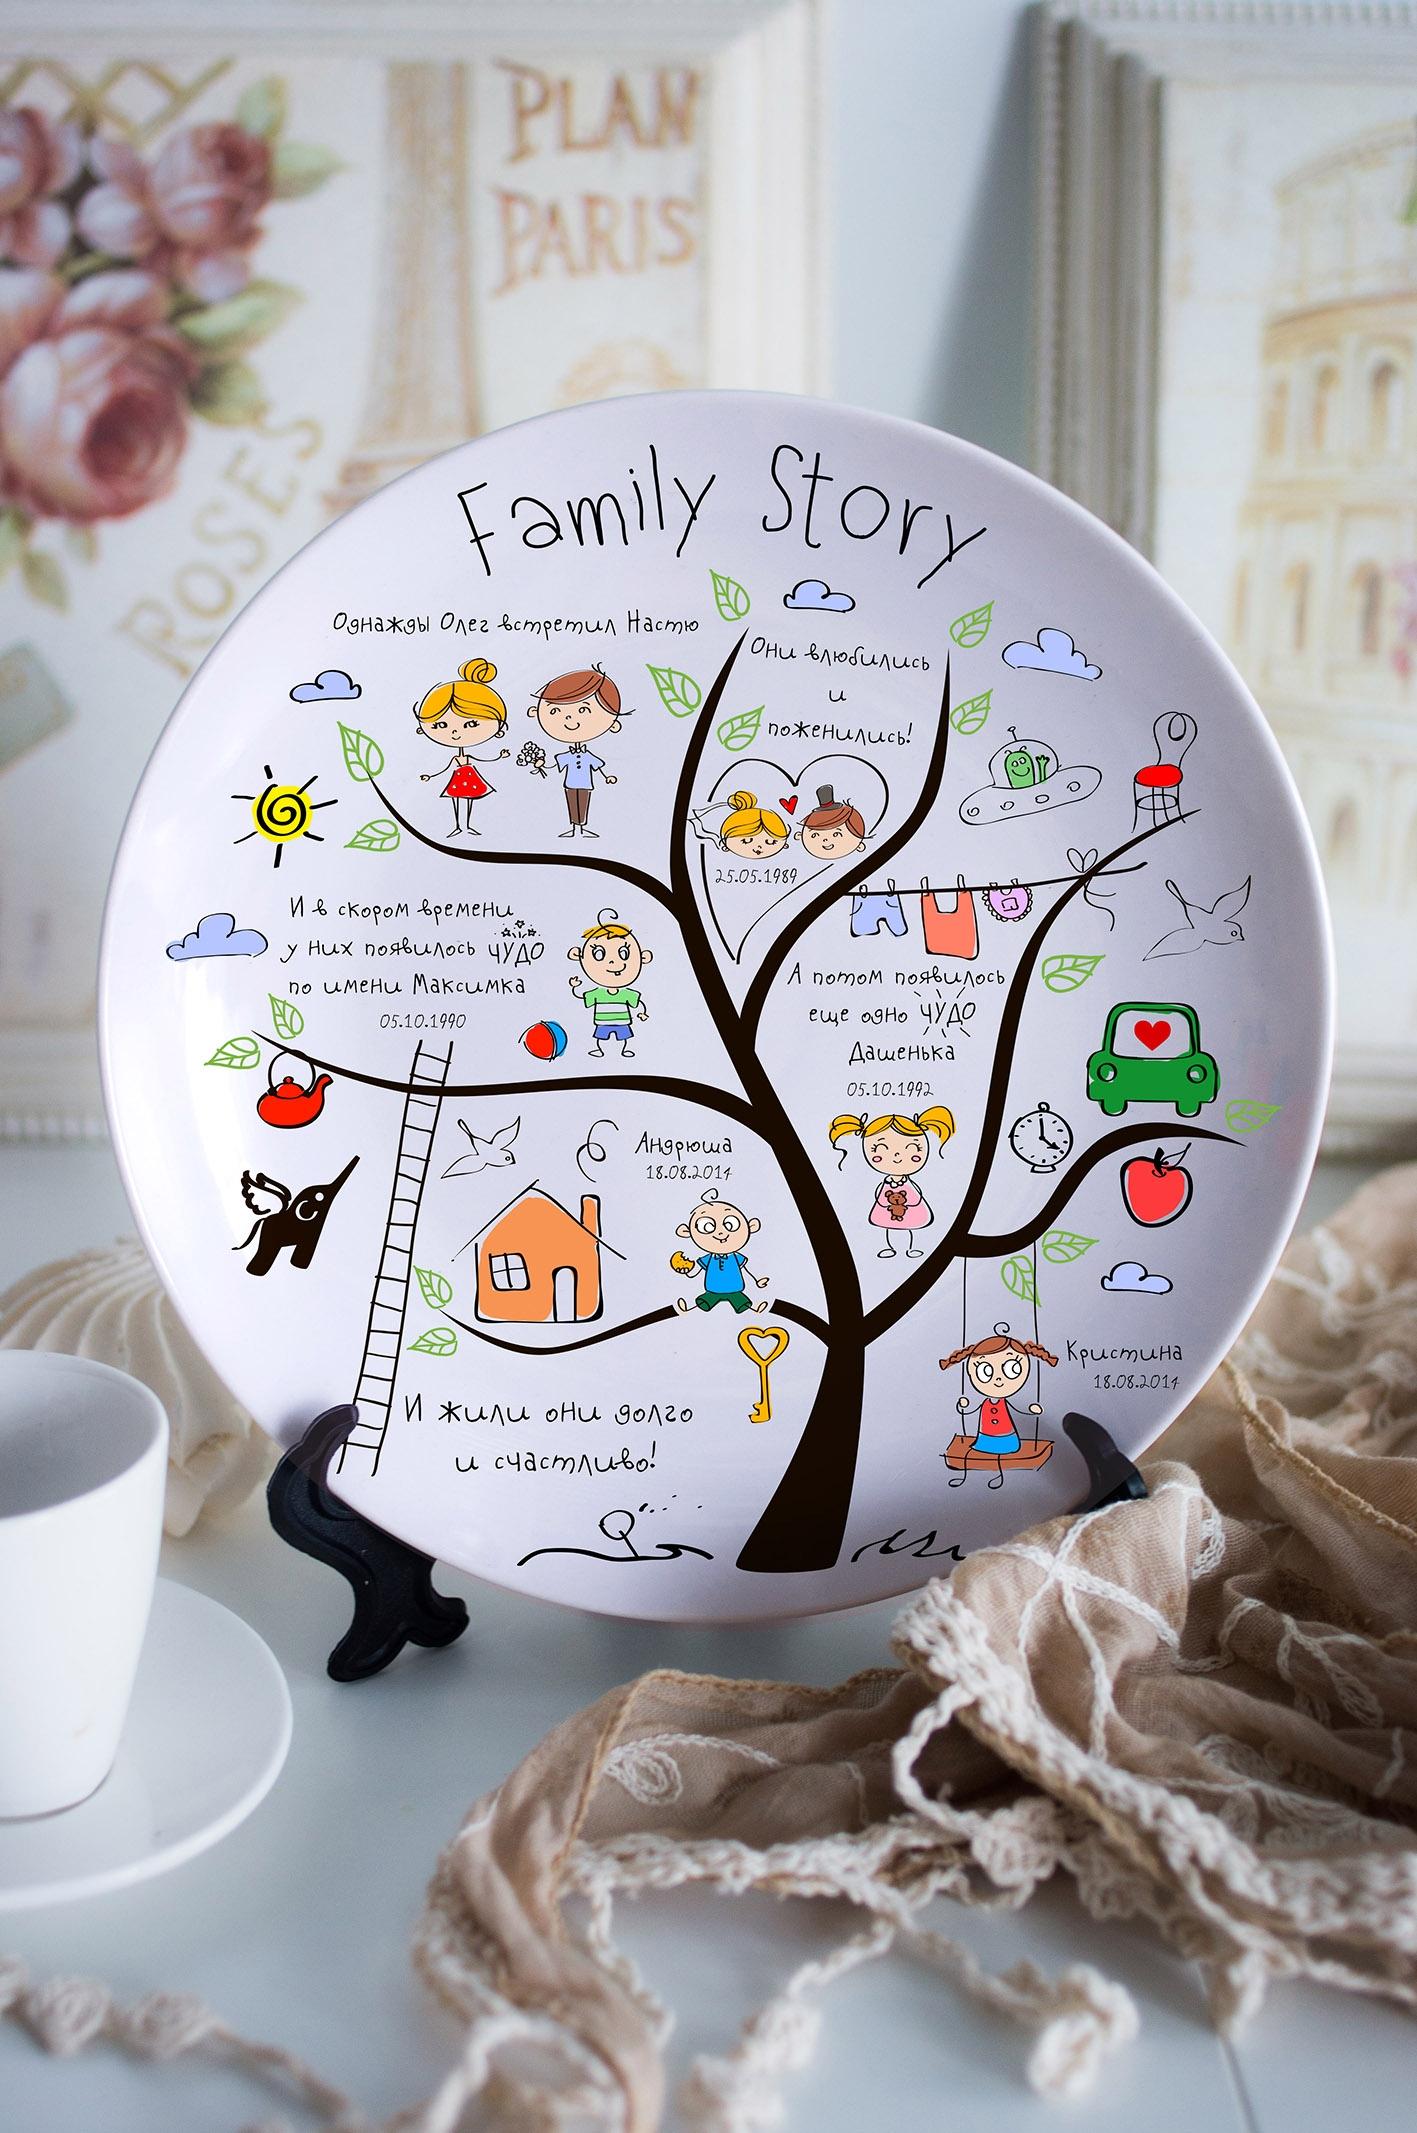 Тарелка декоративная с вашим текстом Family  StoryТарелки с вашим текстом<br>Подарите необыкновенный сувенир с индивидуальной надписью и именем – такая декоративная тарелка станет эксклюзивным украшением для интерьера и незабываемым подарком! Выберите понравившийся фон, впишите любимую фразу, имя получателя. Диаметр 20см<br>